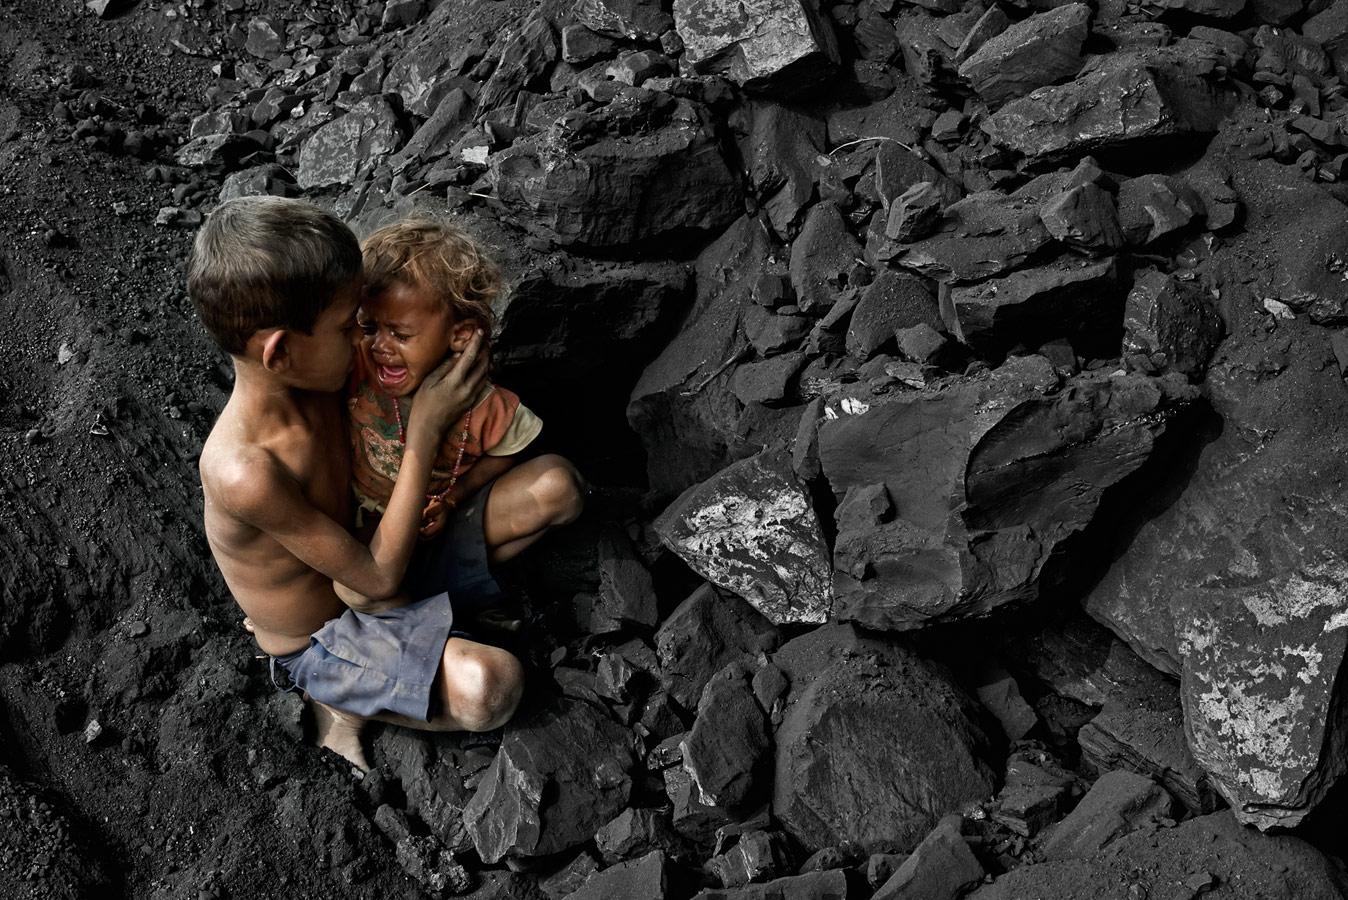 Братья # 2, © Парта Пратим Саха, 1-е место, Фотоконкурс «Наш мир добрый»